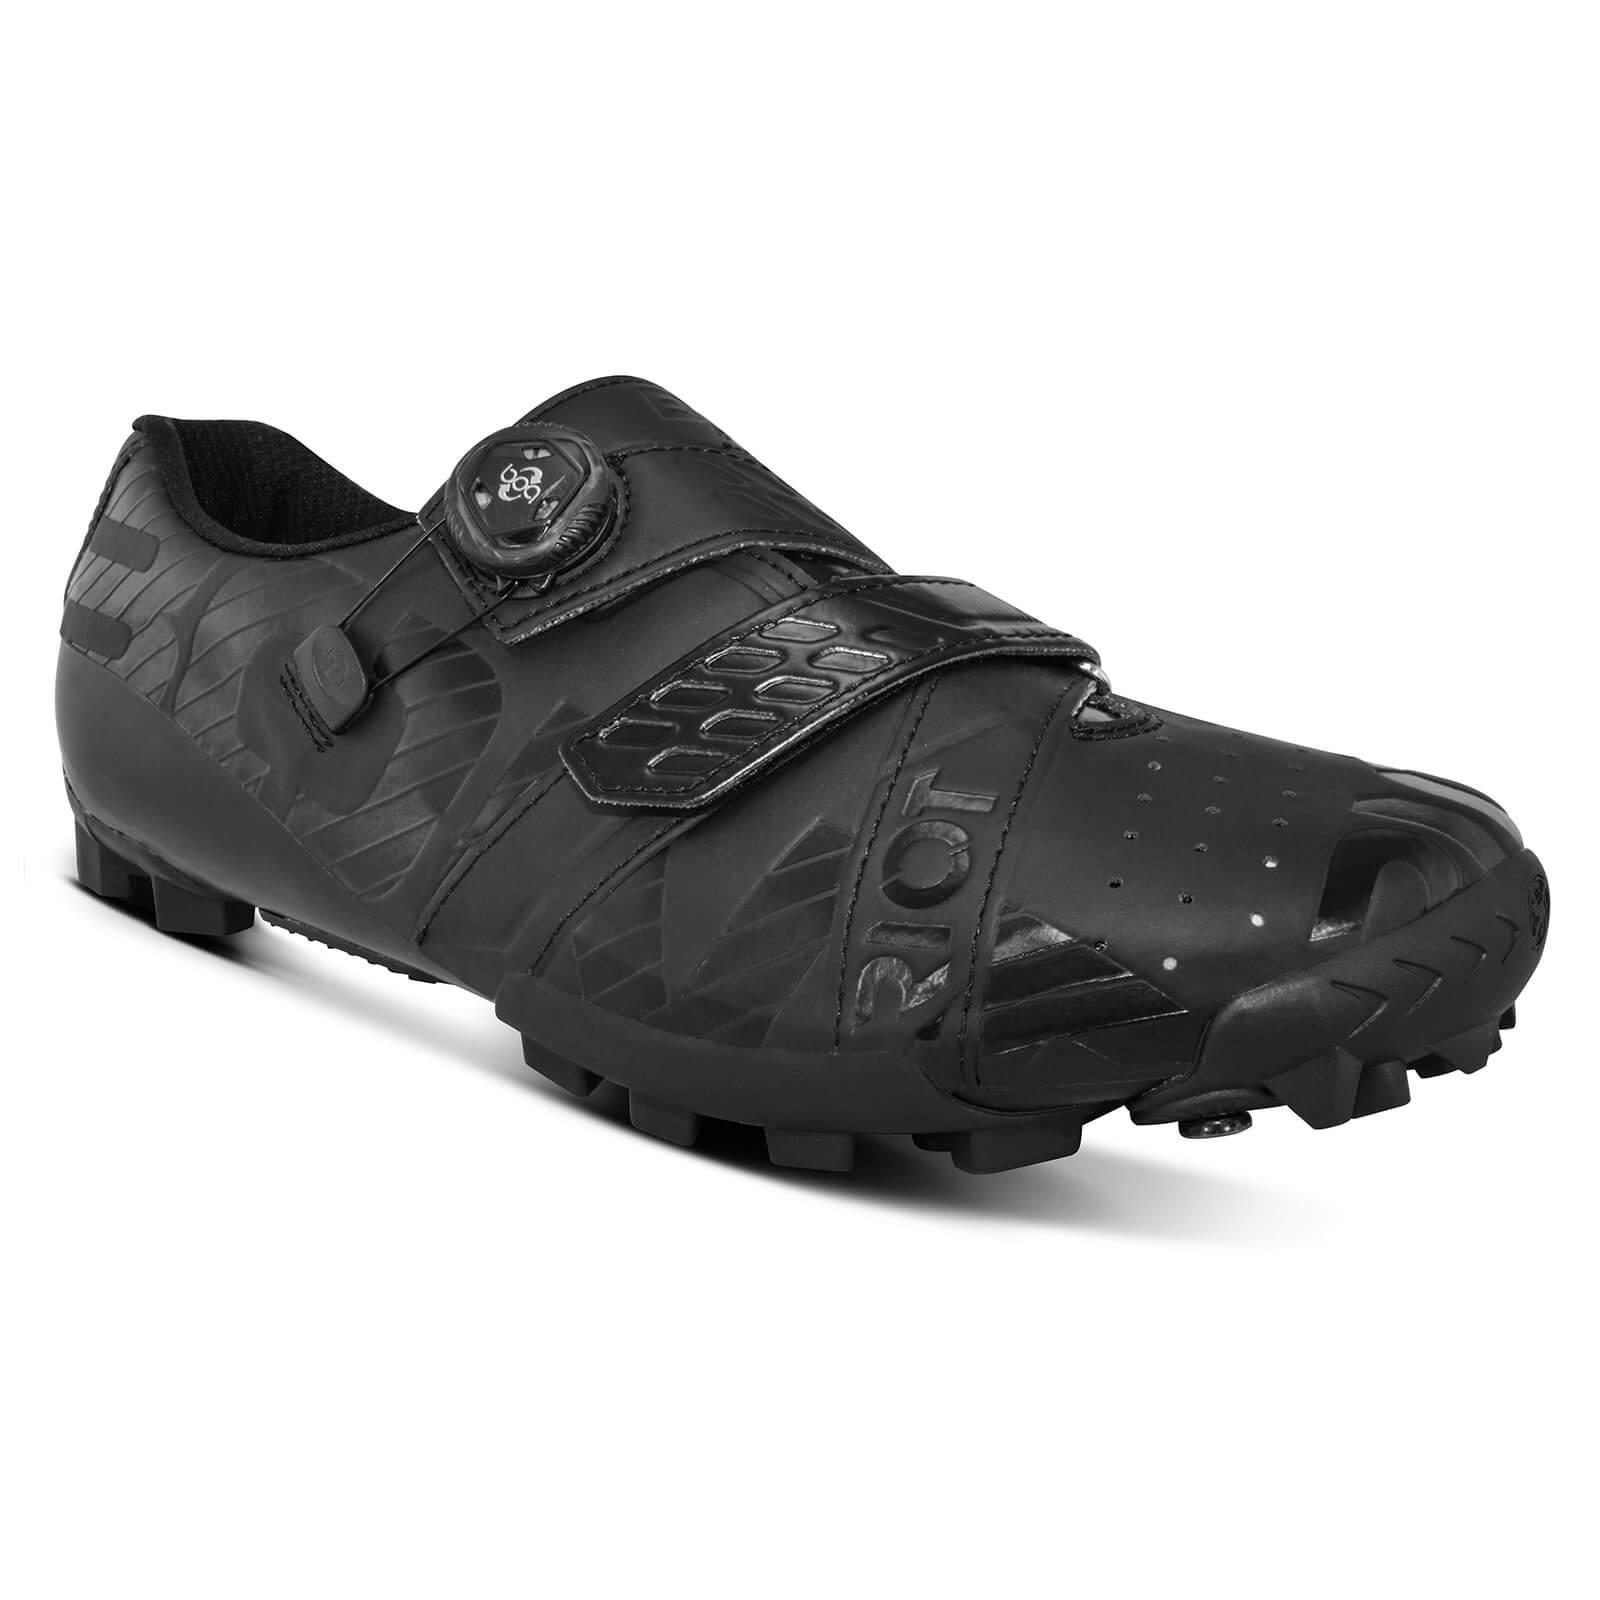 Bont Riot+ MTB Shoes - EU 47 - Black